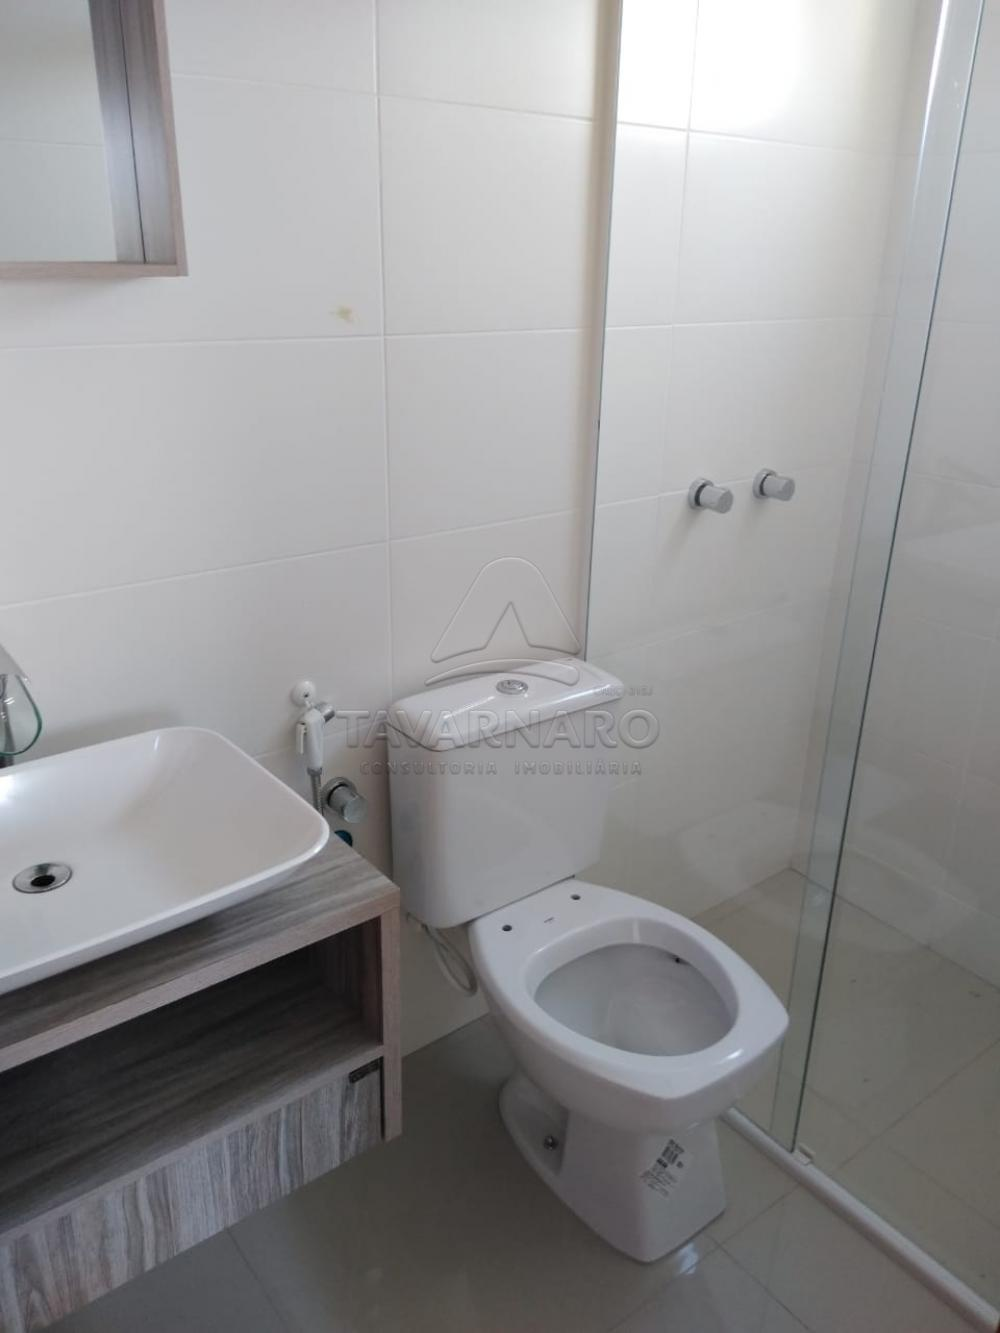 Comprar Apartamento / Padrão em Ponta Grossa apenas R$ 412.000,00 - Foto 23